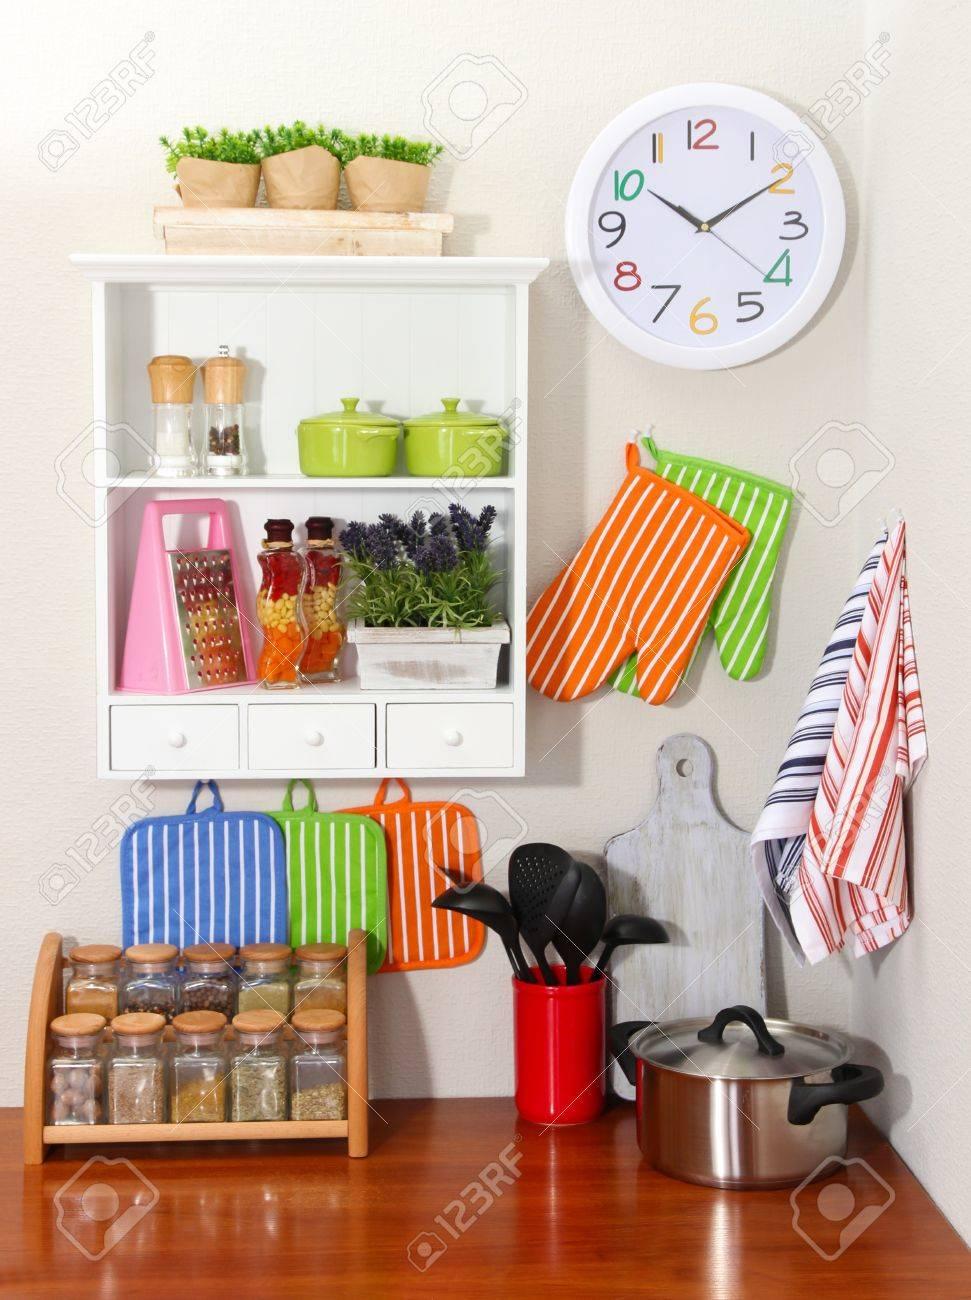 Beautiful kitchen interior Stock Photo - 20848919